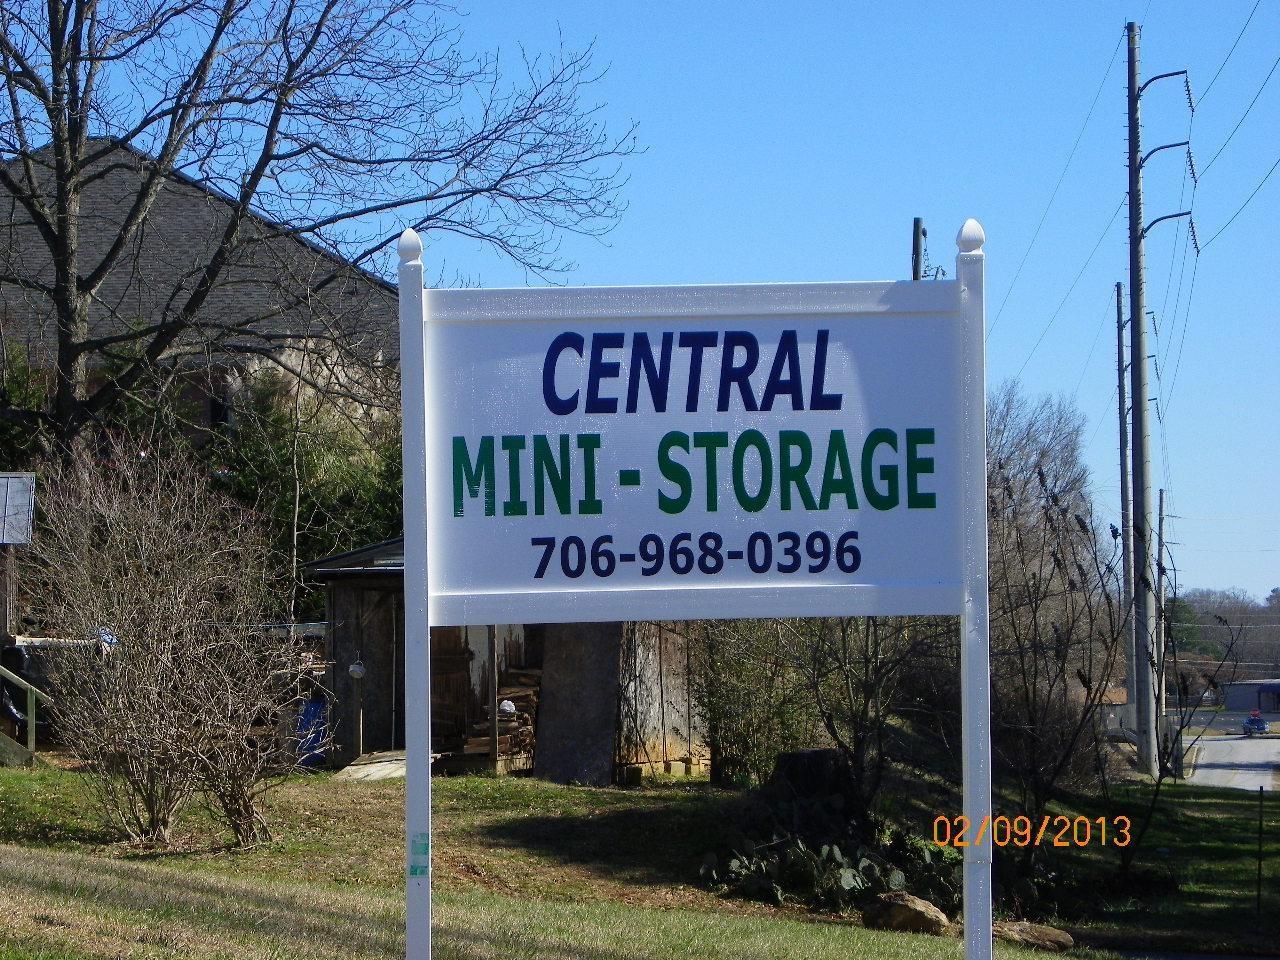 Central Mini-Storage